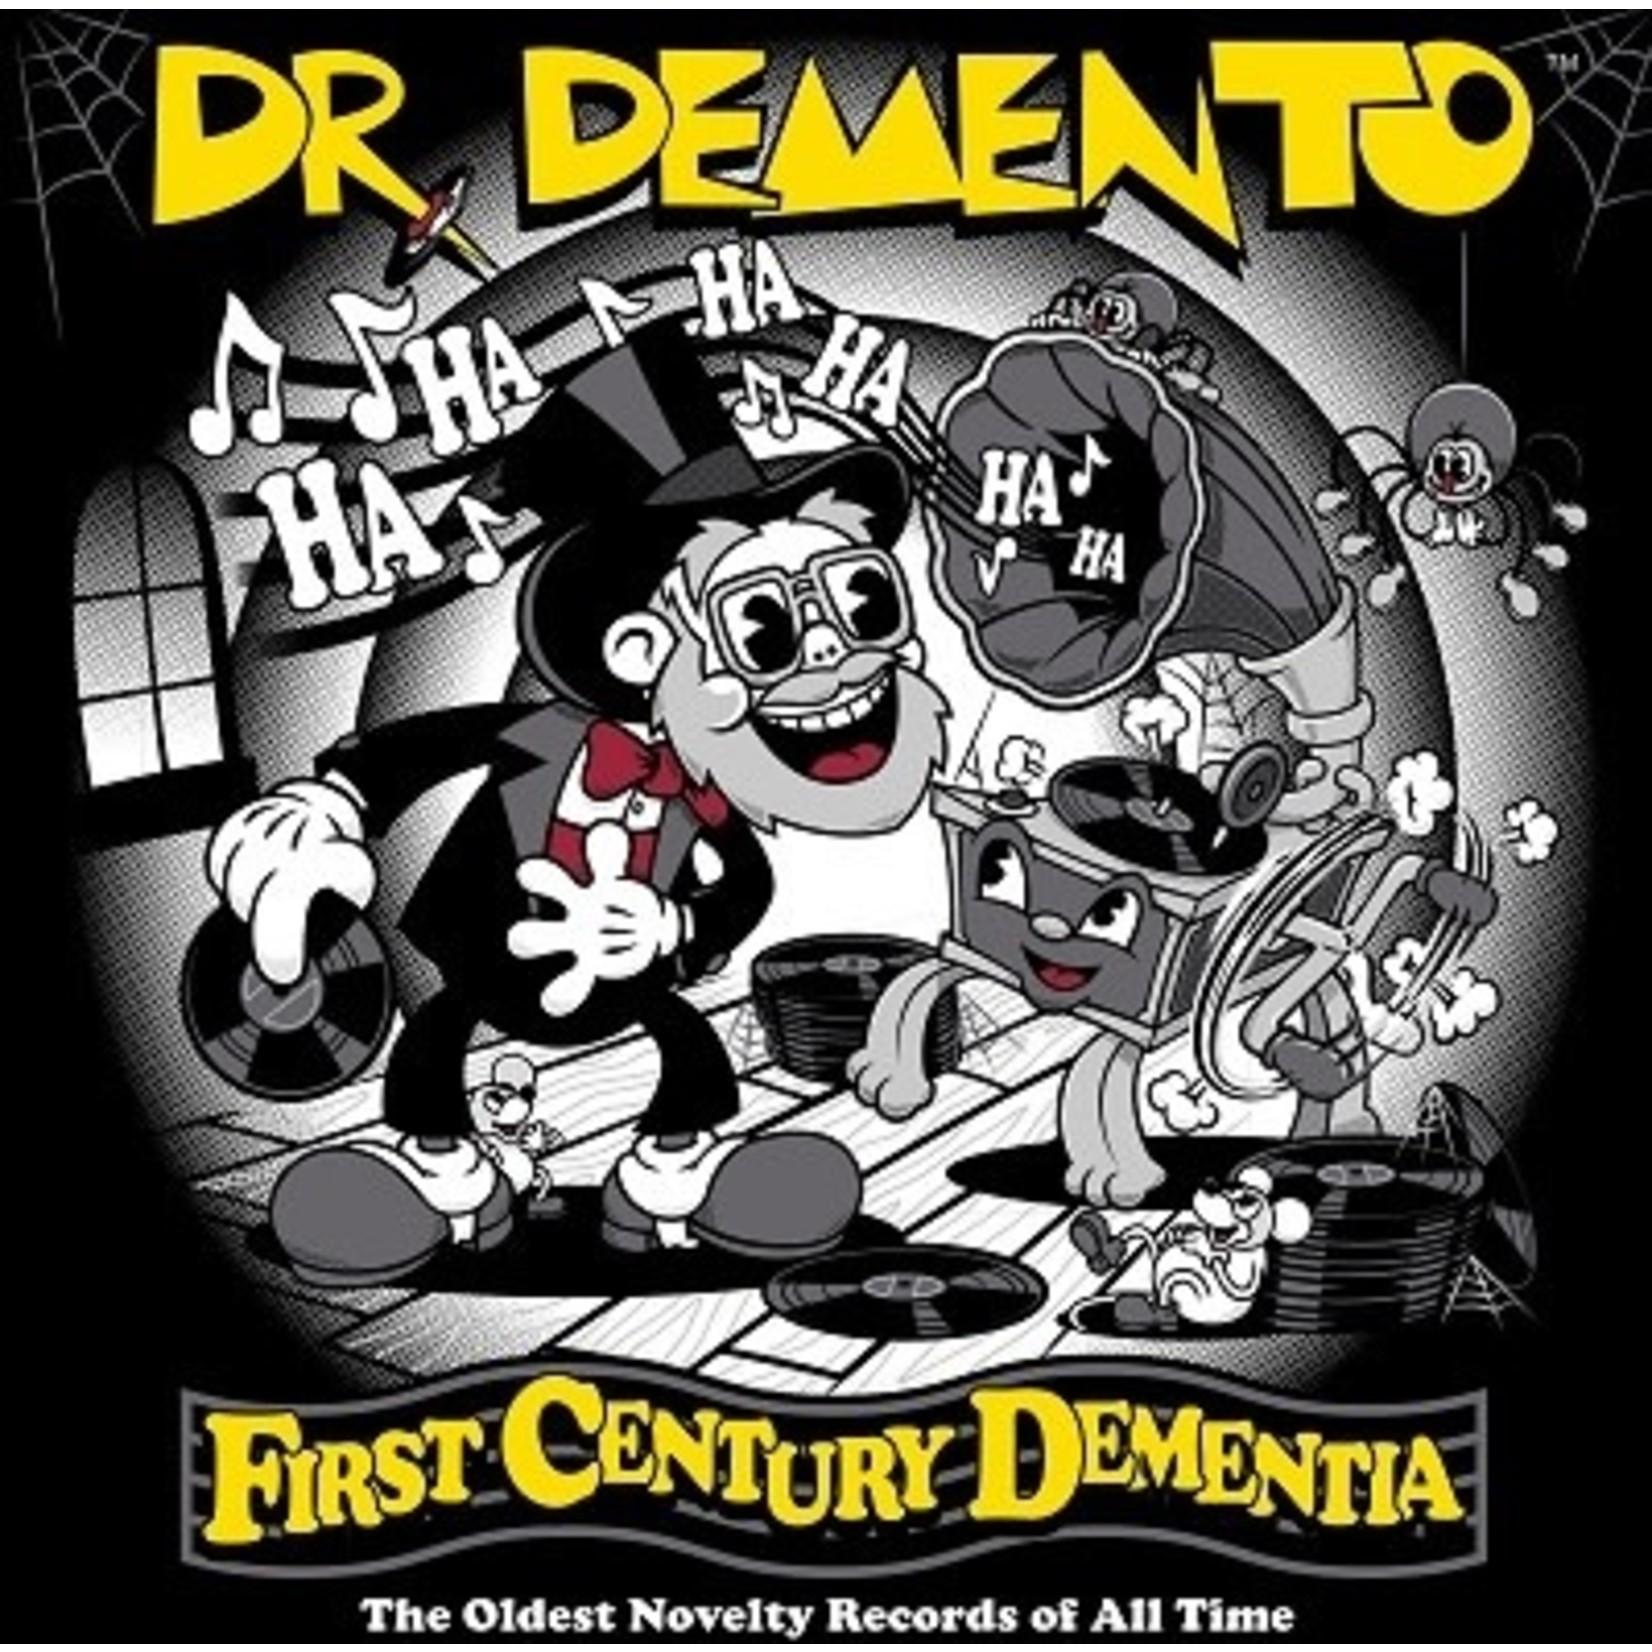 DR. DEMENTO BF20 - FIRST CENTURY DEMENTIA